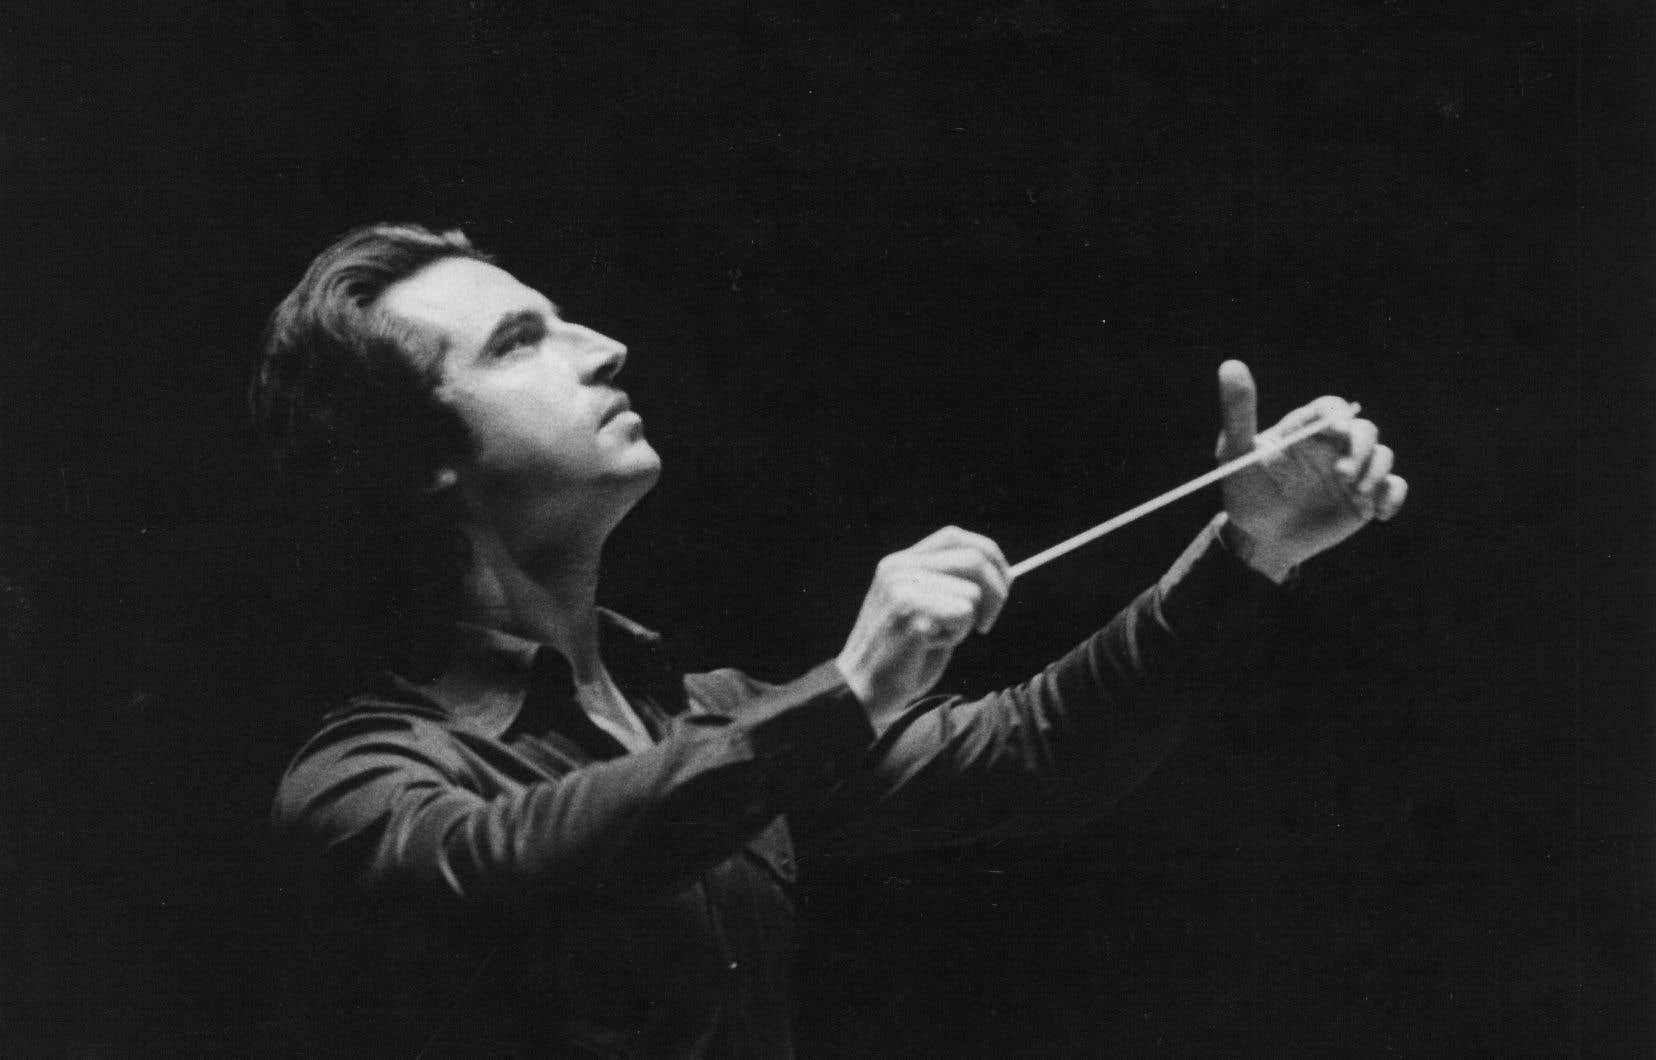 Le cœur du legs EMI, publié par Warner, date des années 1973 à 1993 du chef Riccardo Muti, à de rares exceptions près.